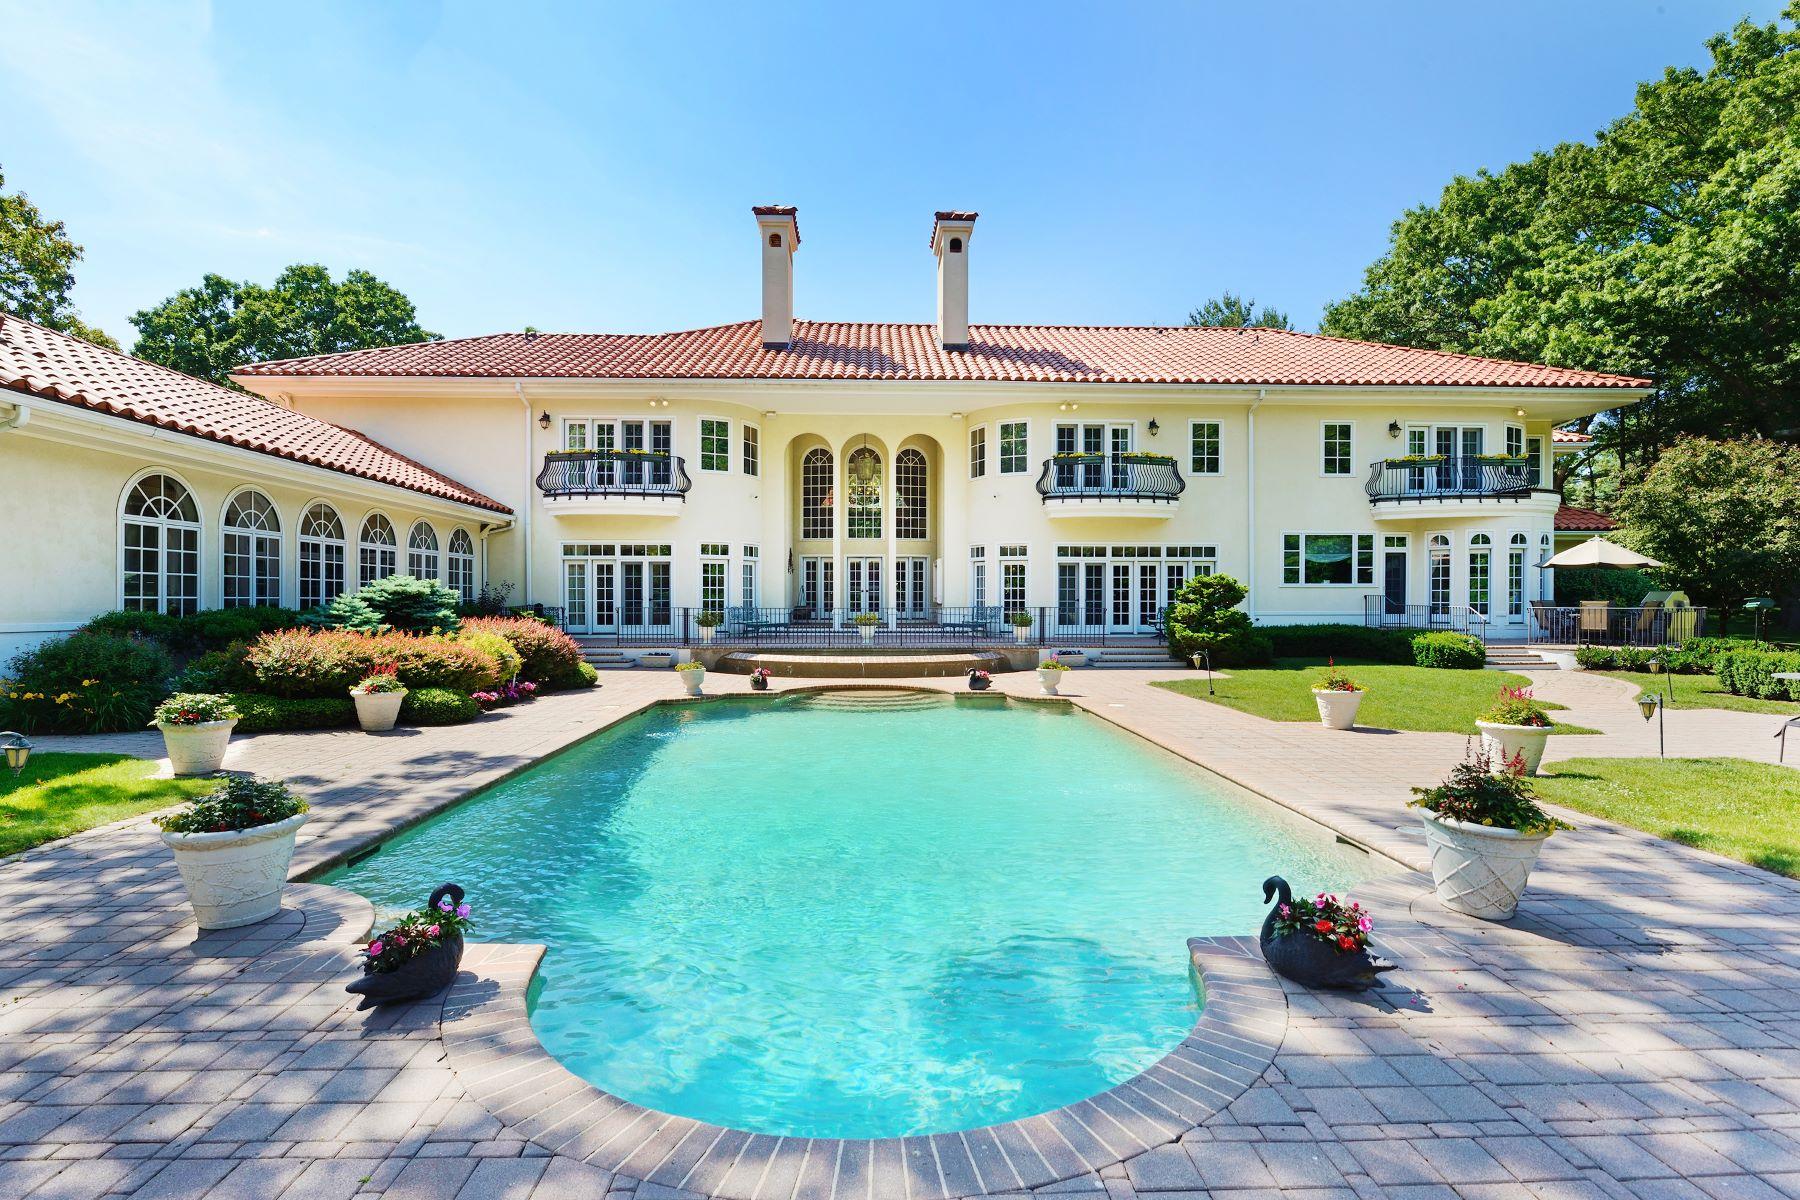 独户住宅 为 销售 在 120 Polly Pk Road 120 Polly Pk Road 拉伊, 纽约 10580 美国